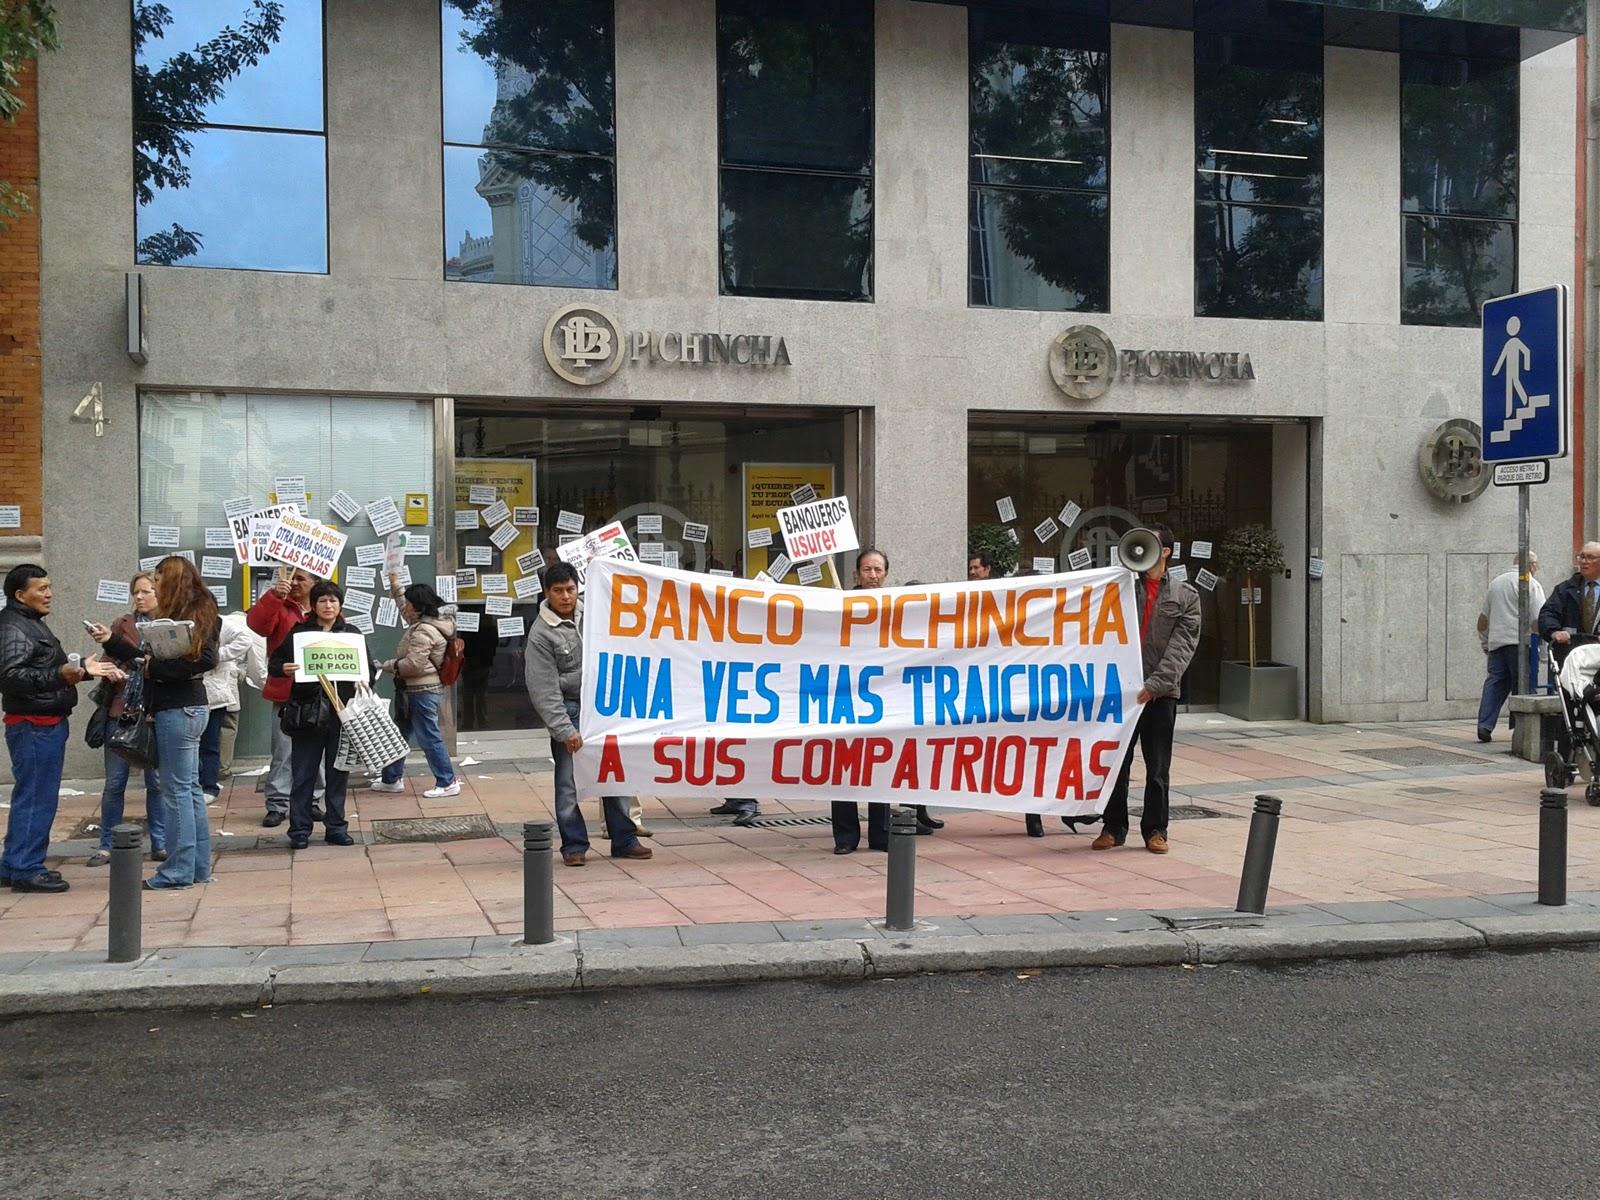 Pichincha compra en espa a cr ditos de inmigrantes for Oficinas banco pichincha